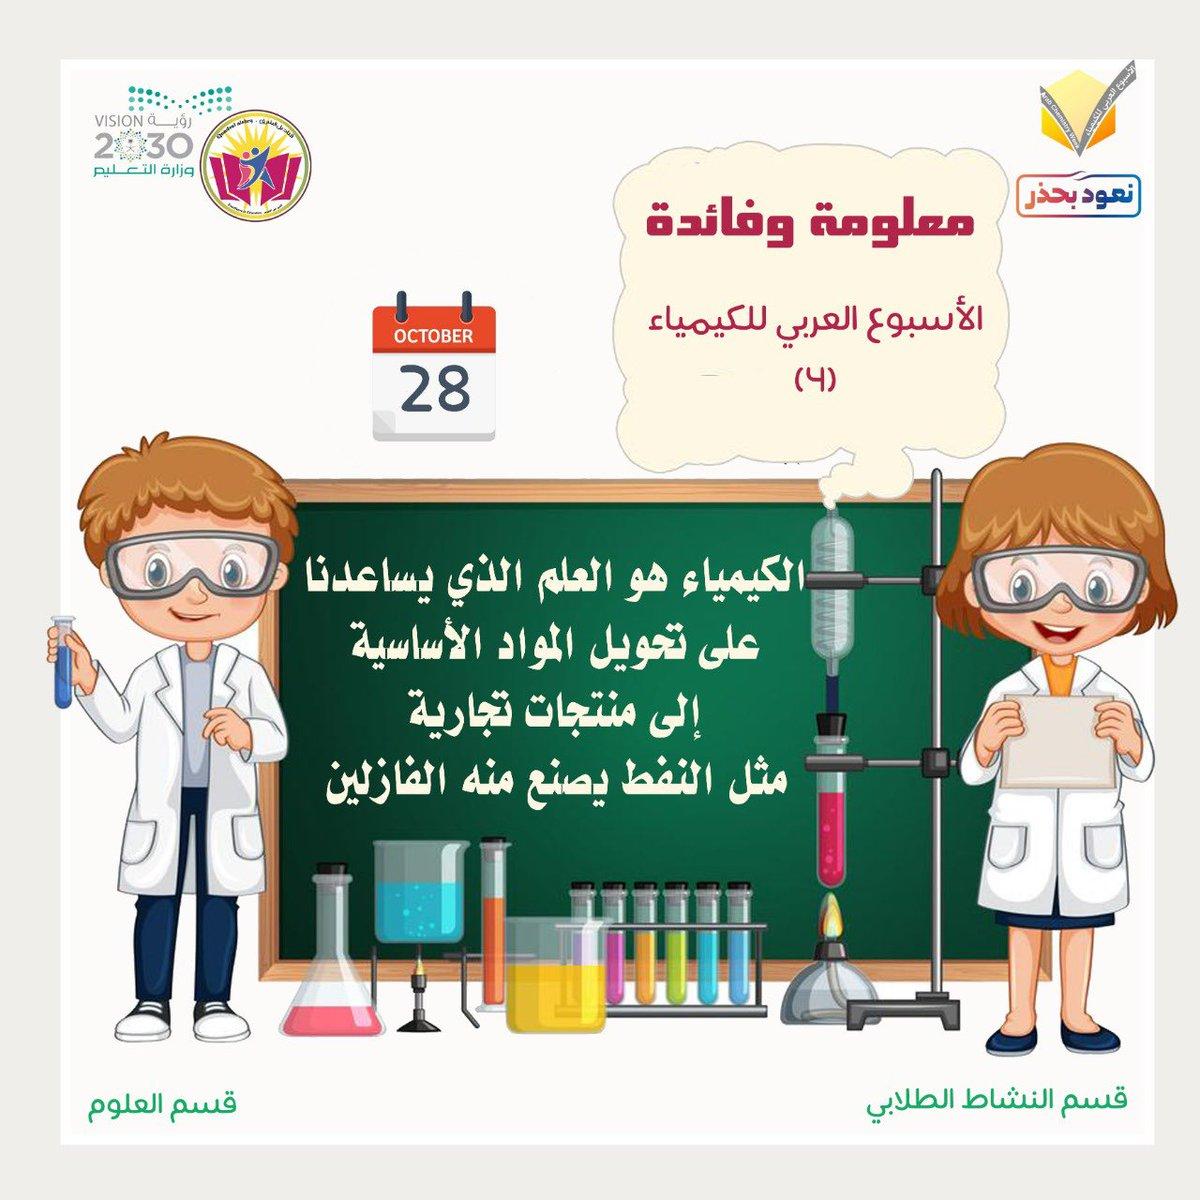 الأسبوع العربي للكيمياء Arabchemweek Twitter